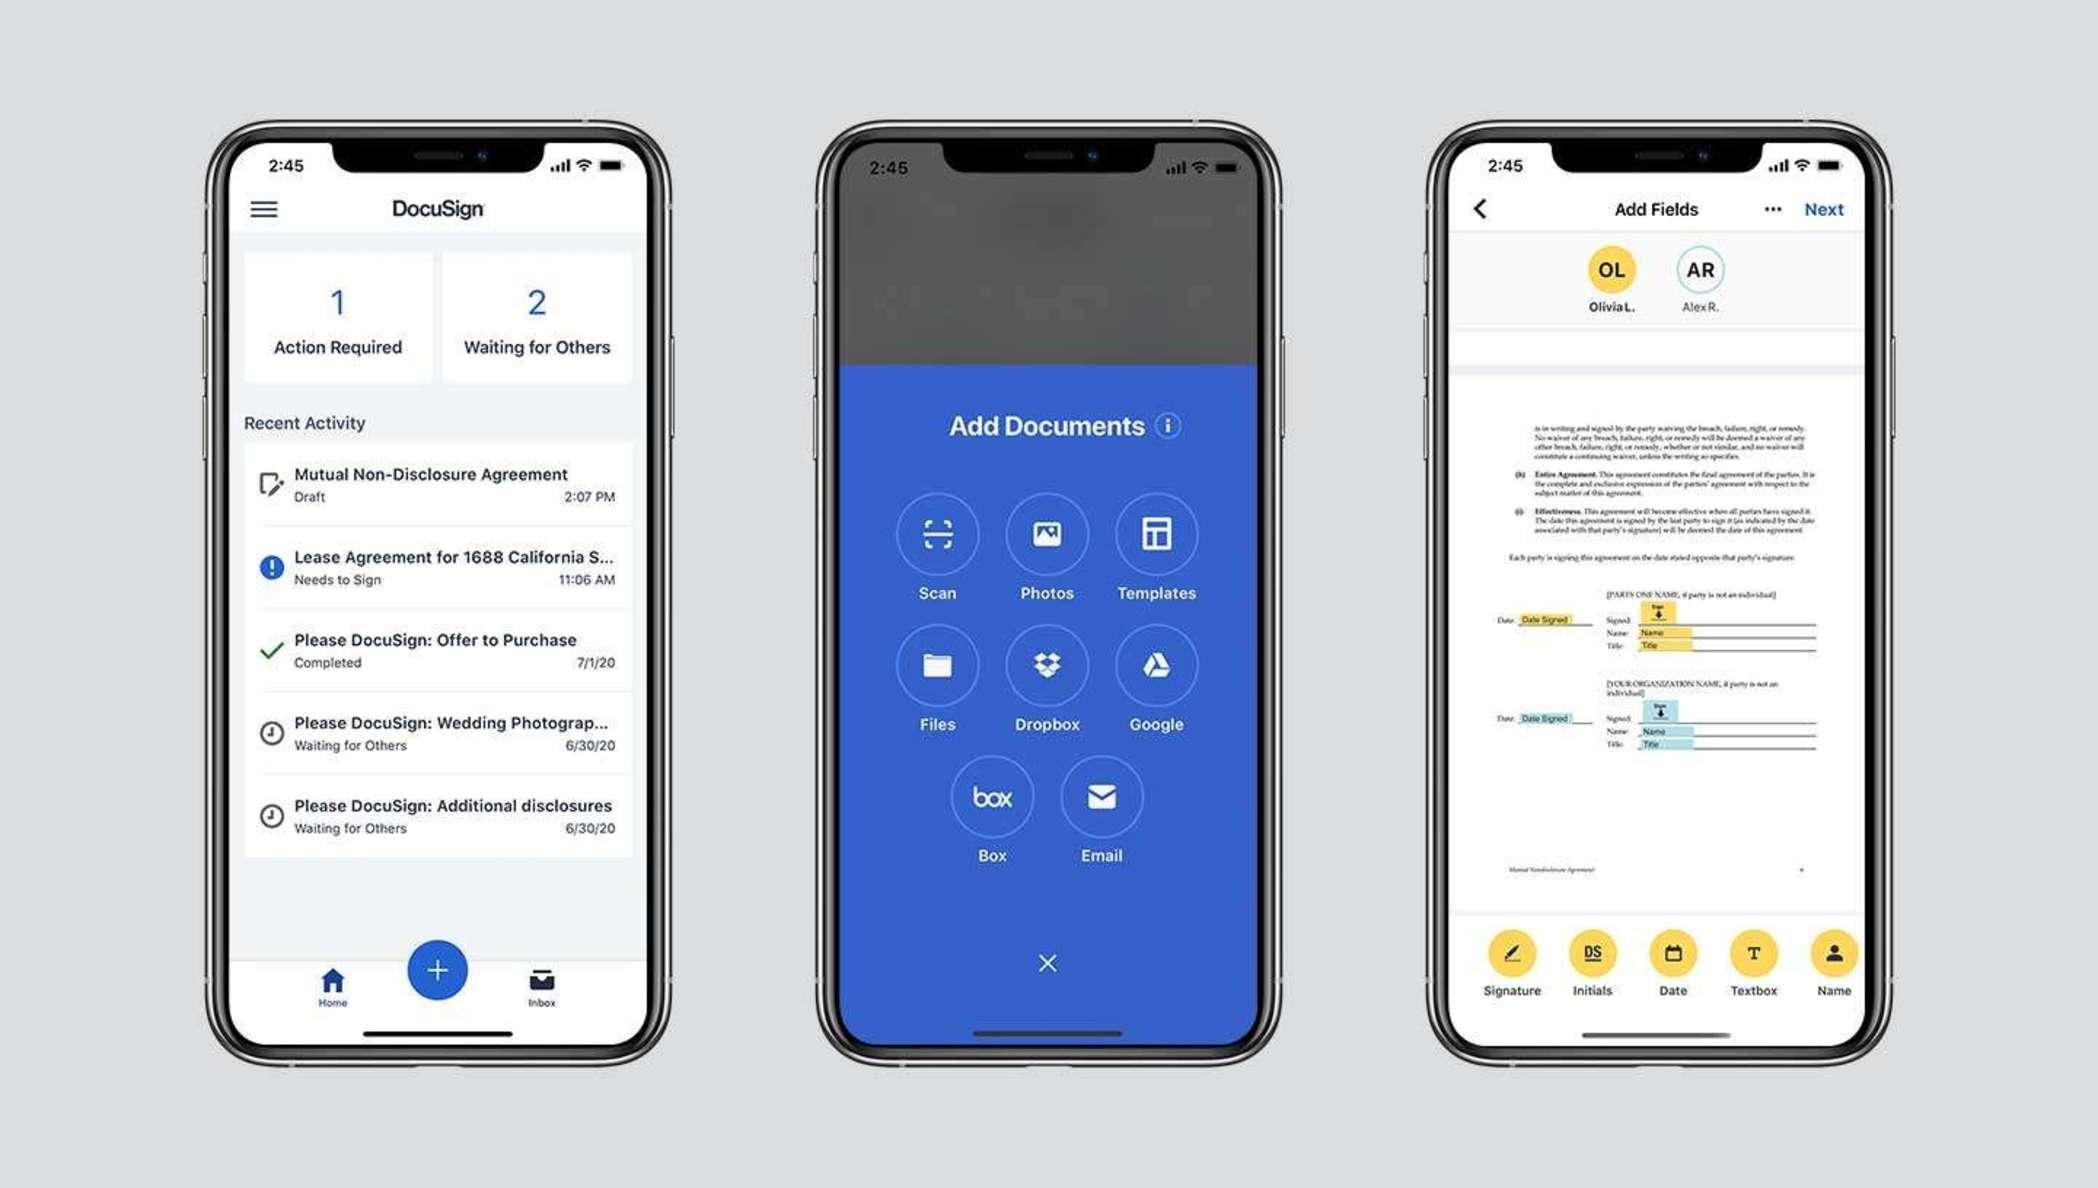 Trois écrans mobiles montrant la fonctionnalité de DocuSign eSignature, notamment l'état des documents à signer, les options de téléchargement de documents et un document en cours de signature